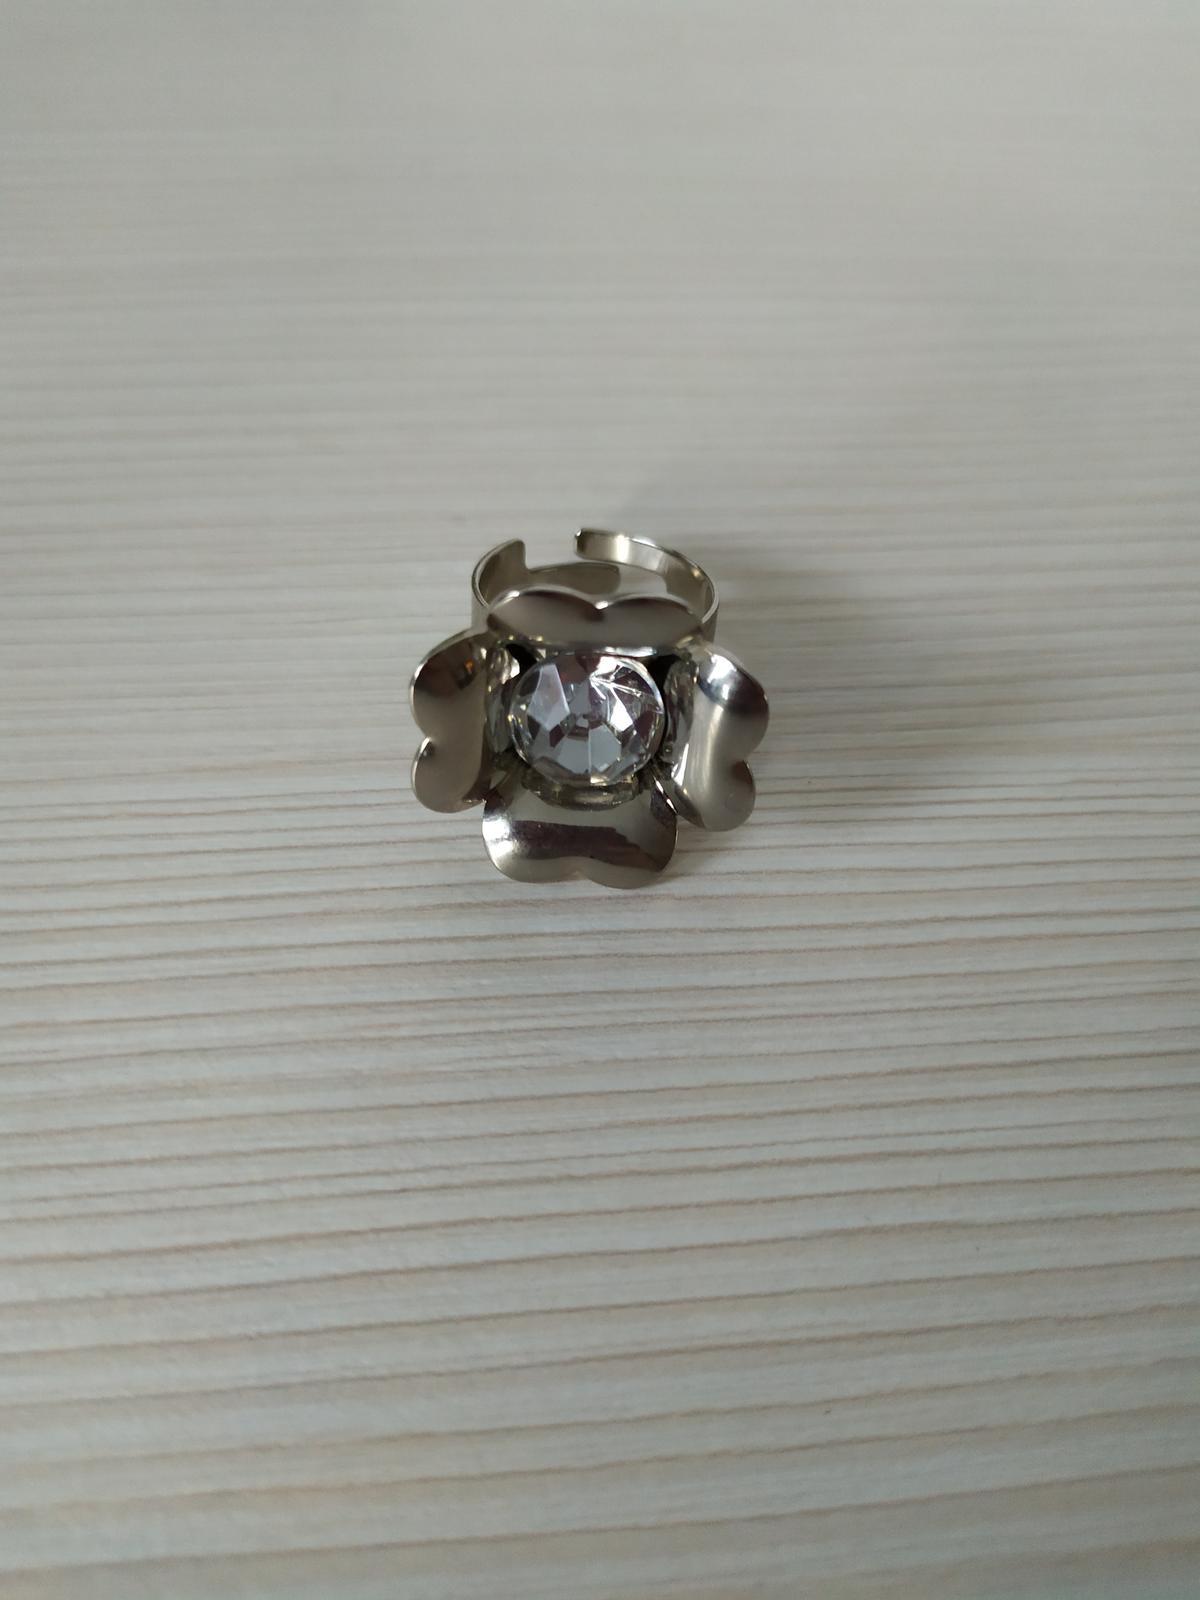 Prsten s kamenem - Obrázek č. 1